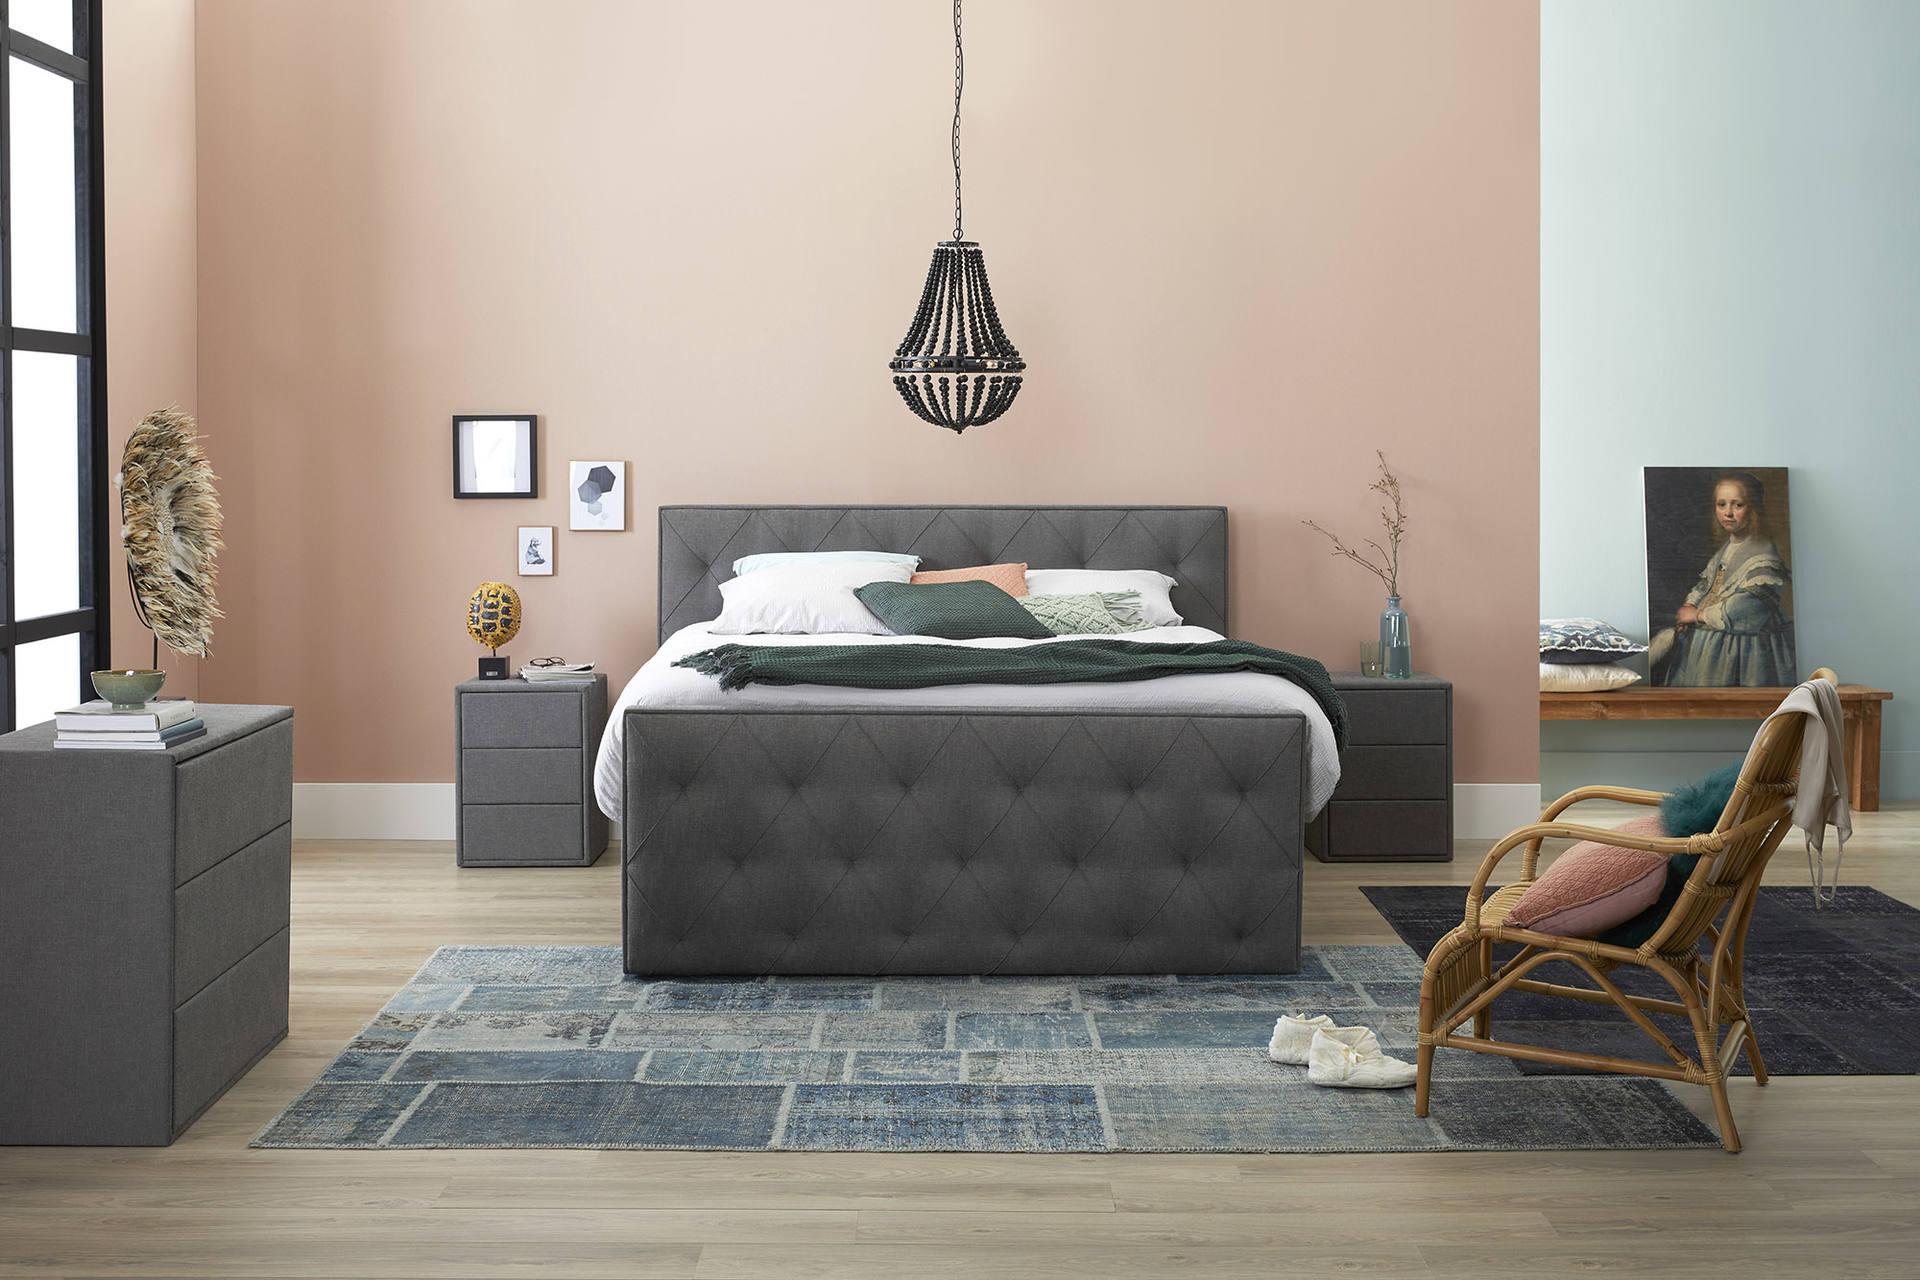 Maak van je slaapkamer een luxe hotelkamer